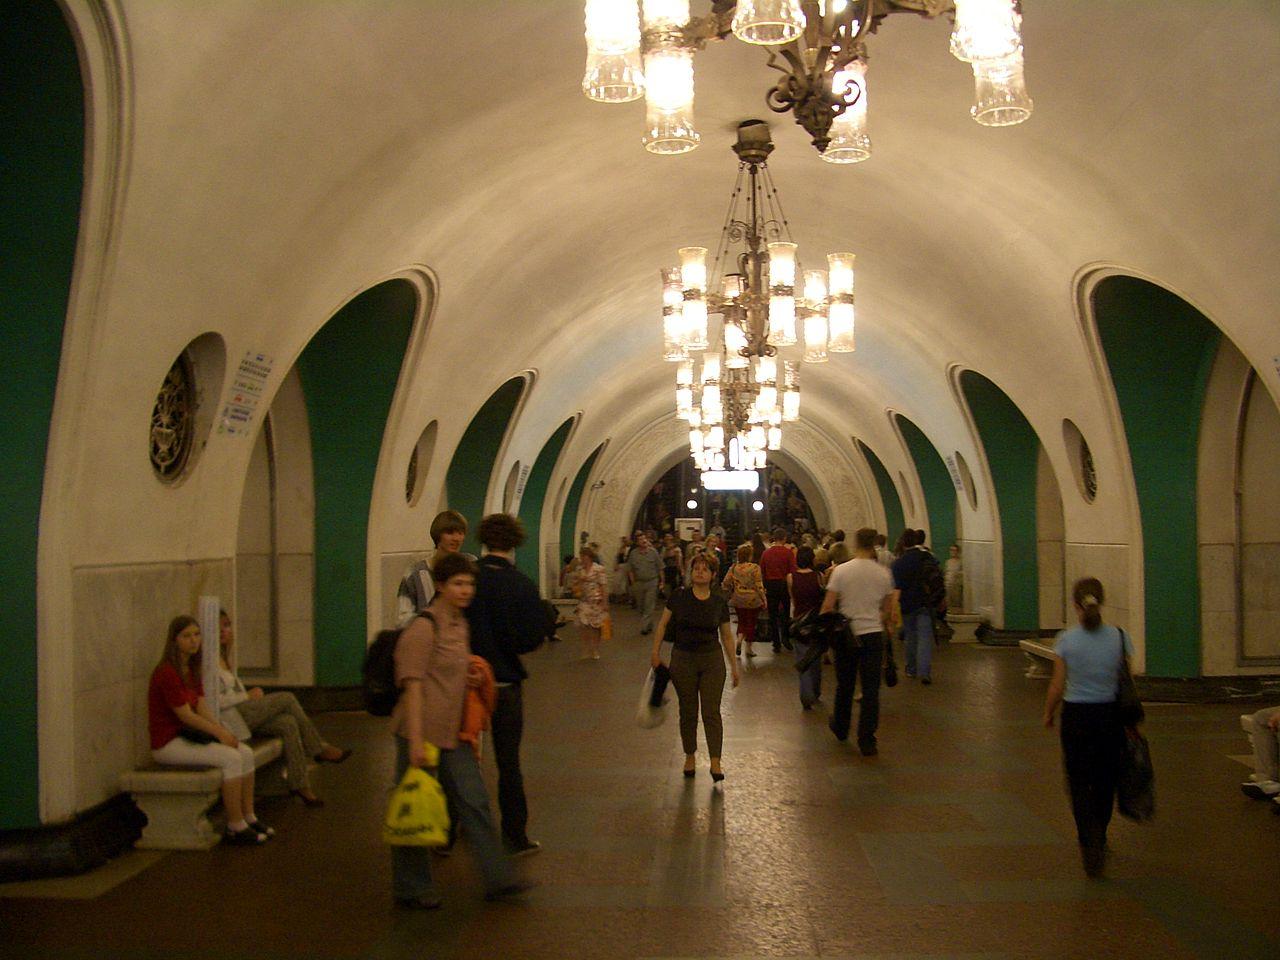 конкурс принимаются метро вднх москва фото понятно, ужас ему